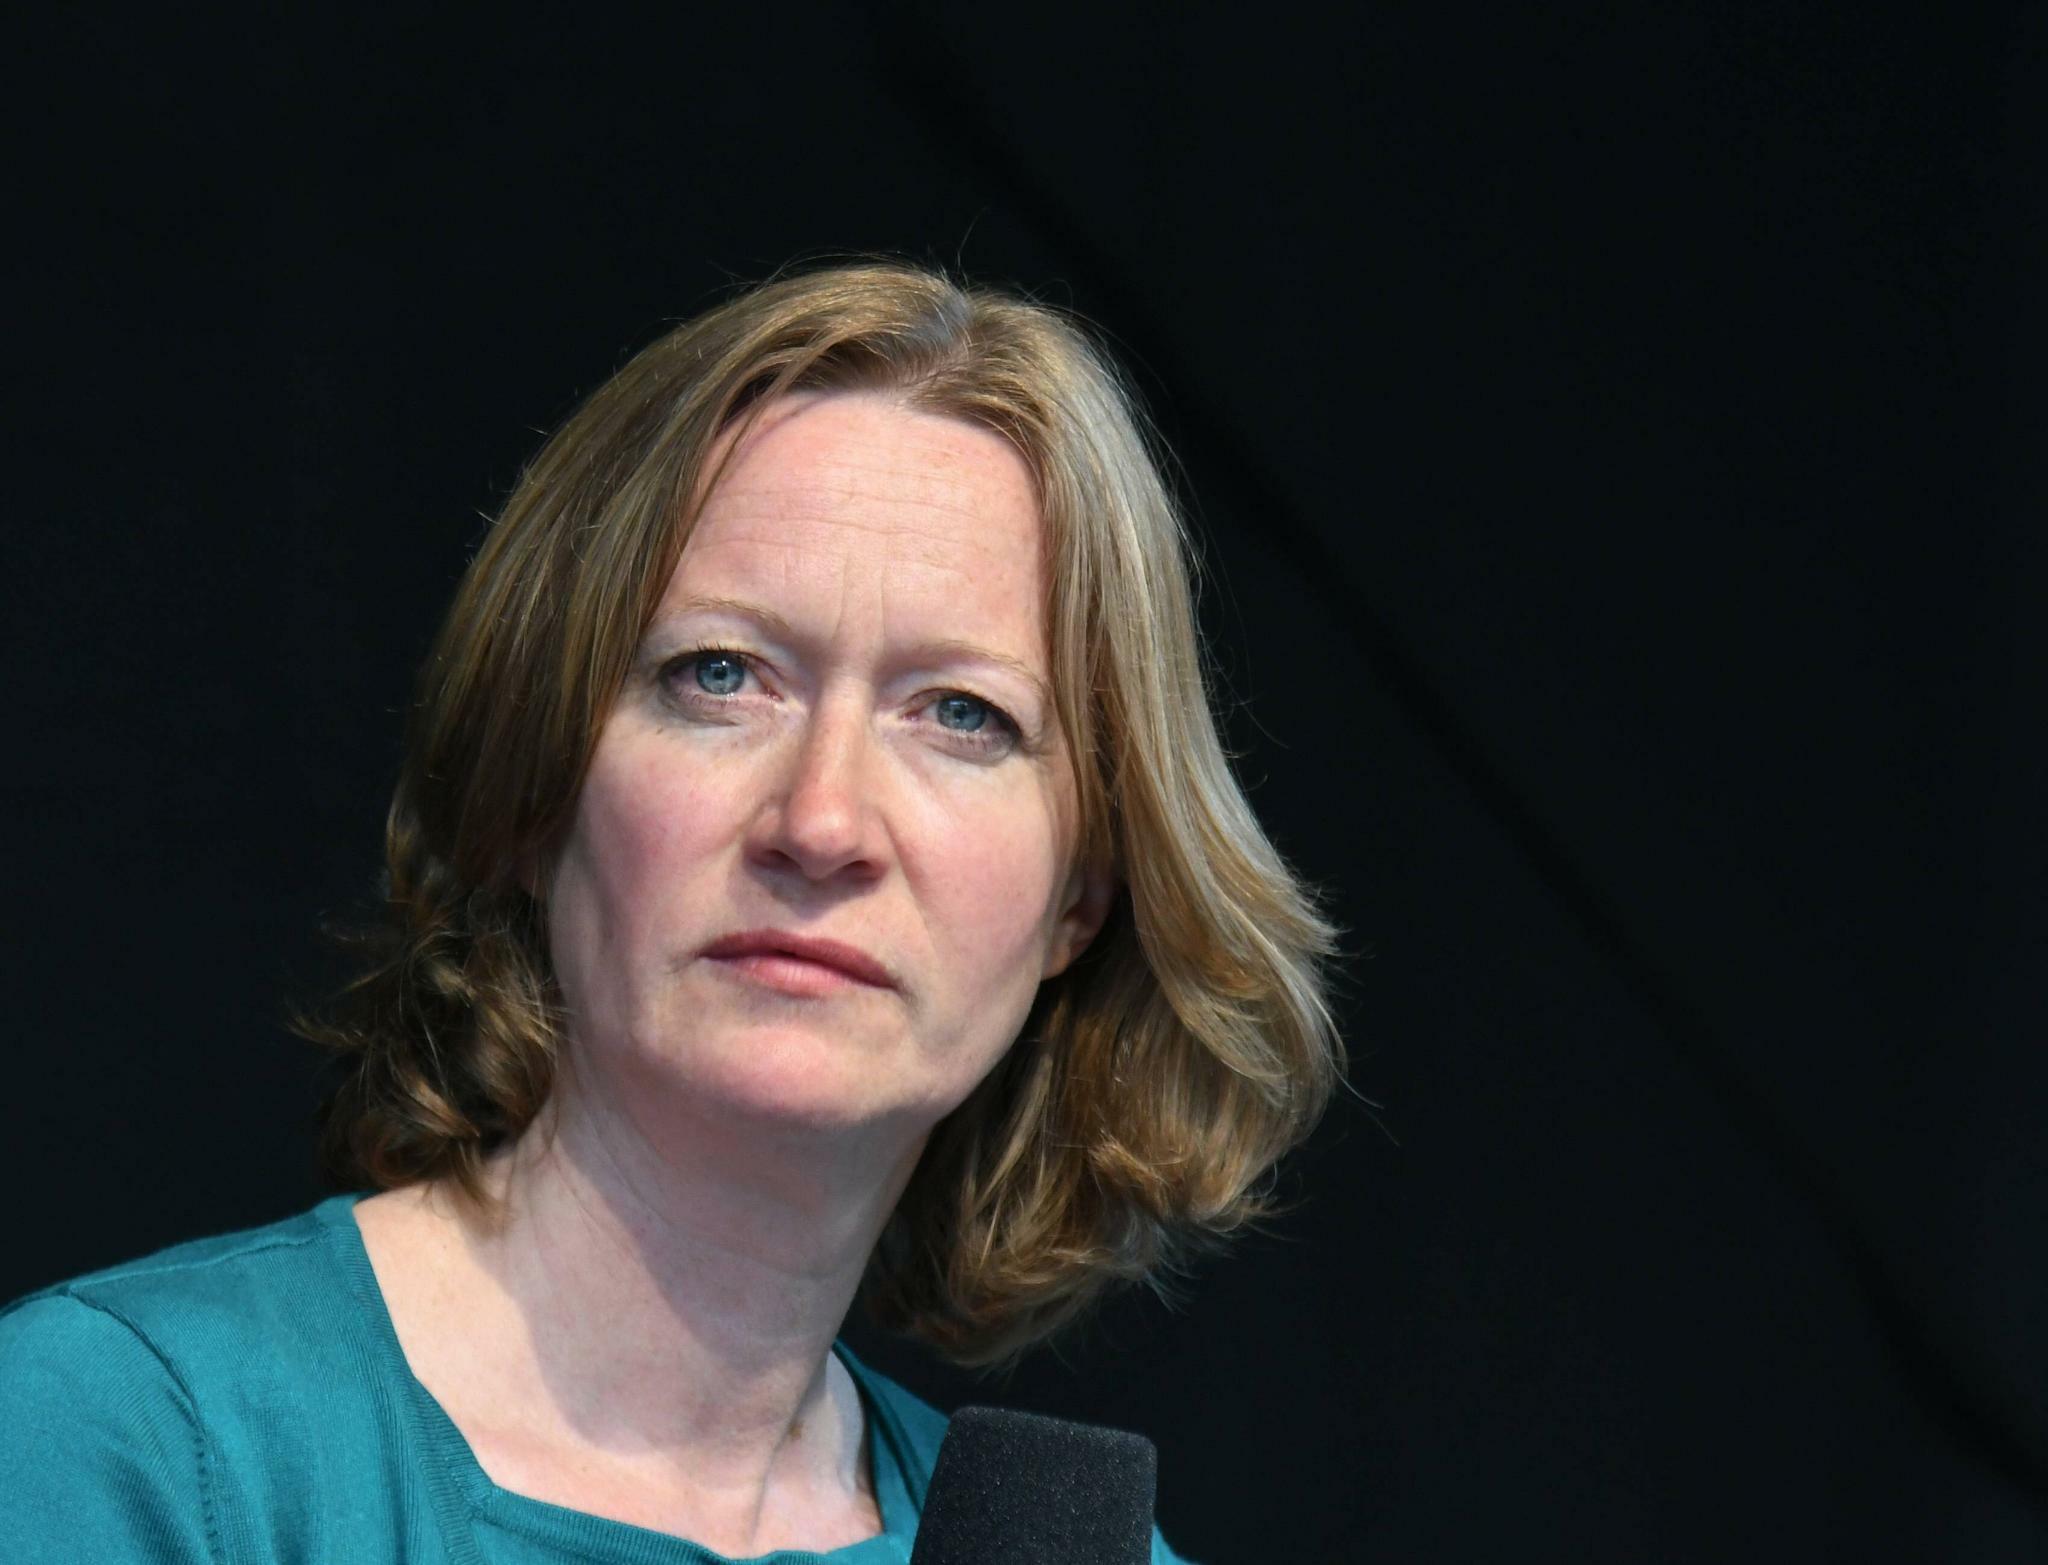 Kerstin Andreae – eine Grünenpolitikerin mit Visionen